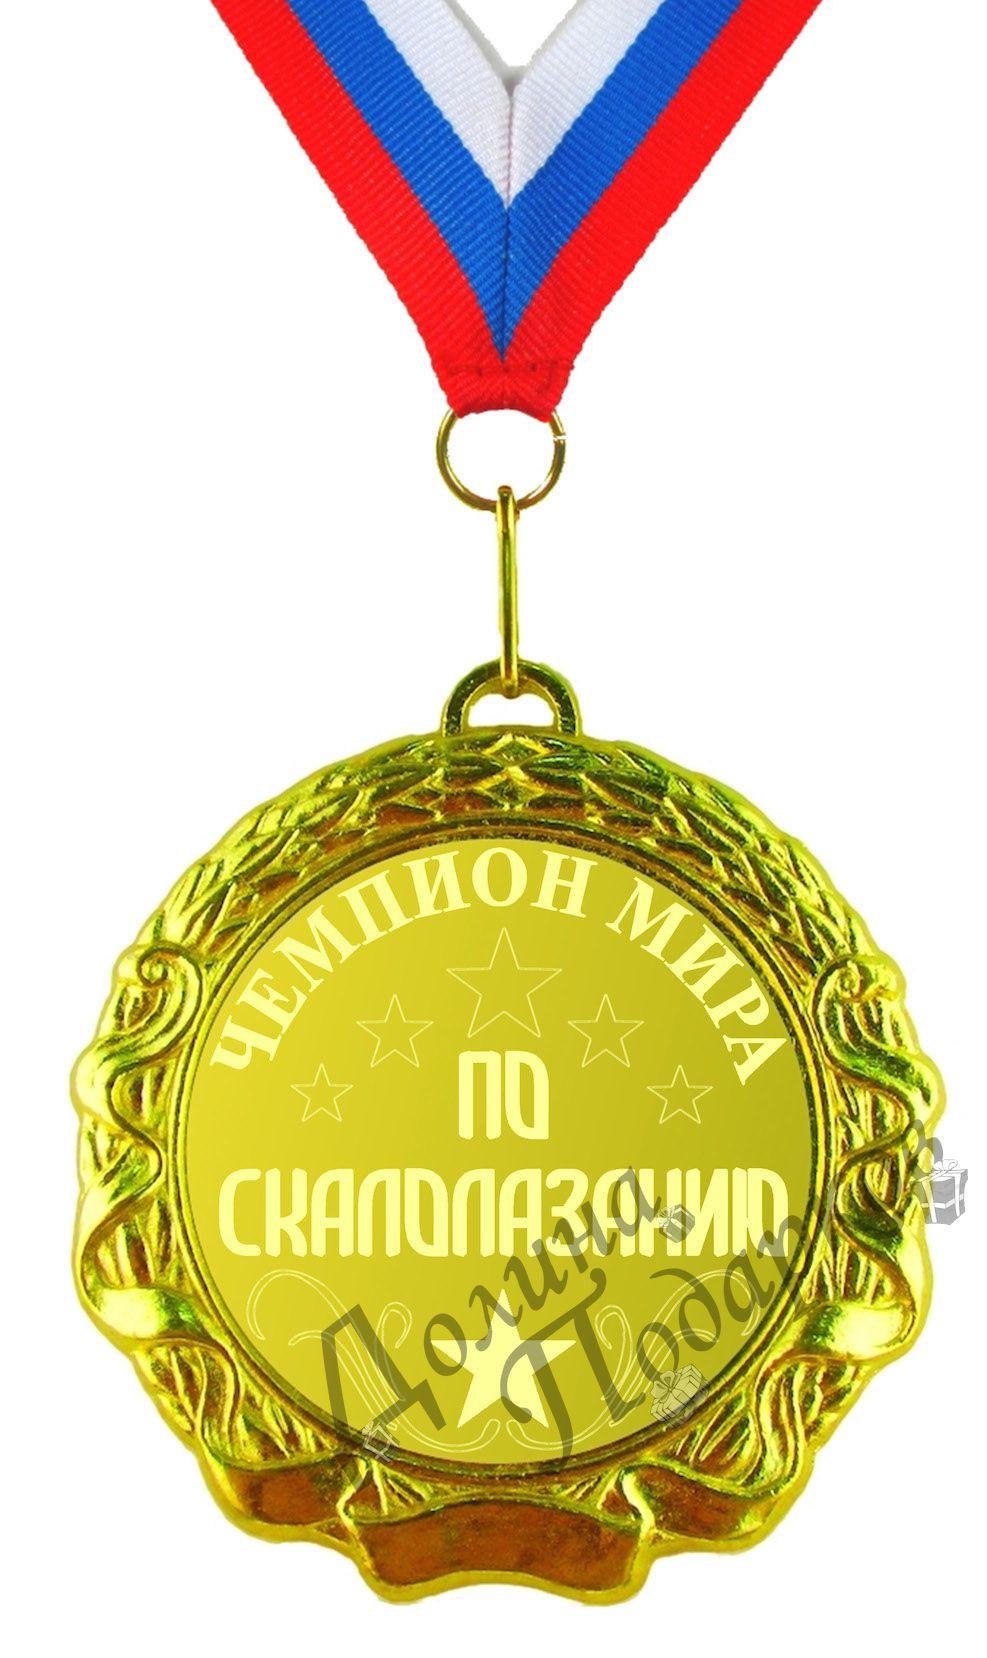 Купить Медаль *Чемпион мира по склалолазанию* в интернет-магазине подарков. Огромный выбор необычных подарков и сувениров широкого ценового диапазона!